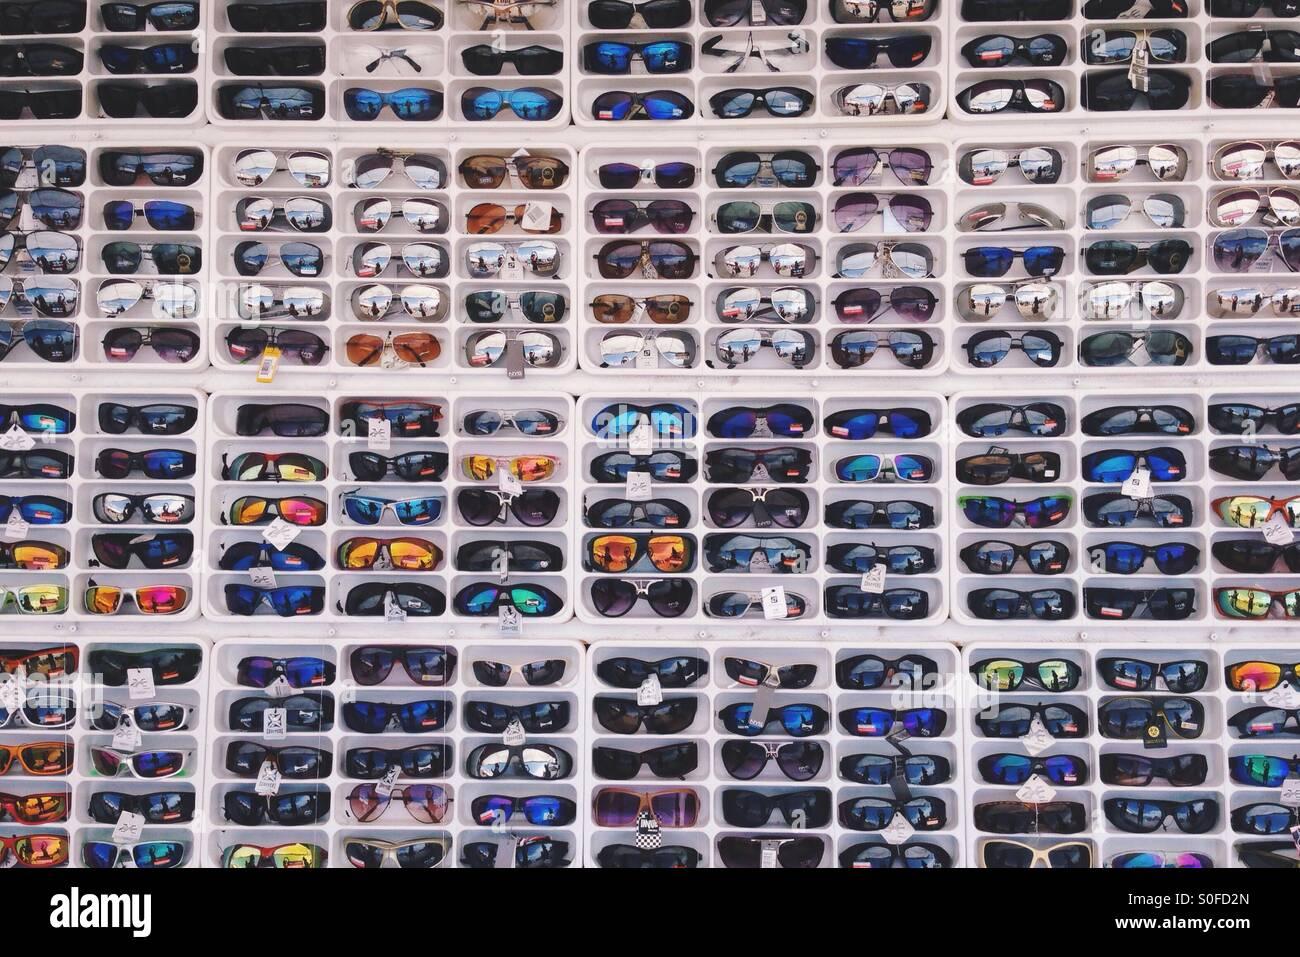 Griglia di occhiali da sole Immagini Stock